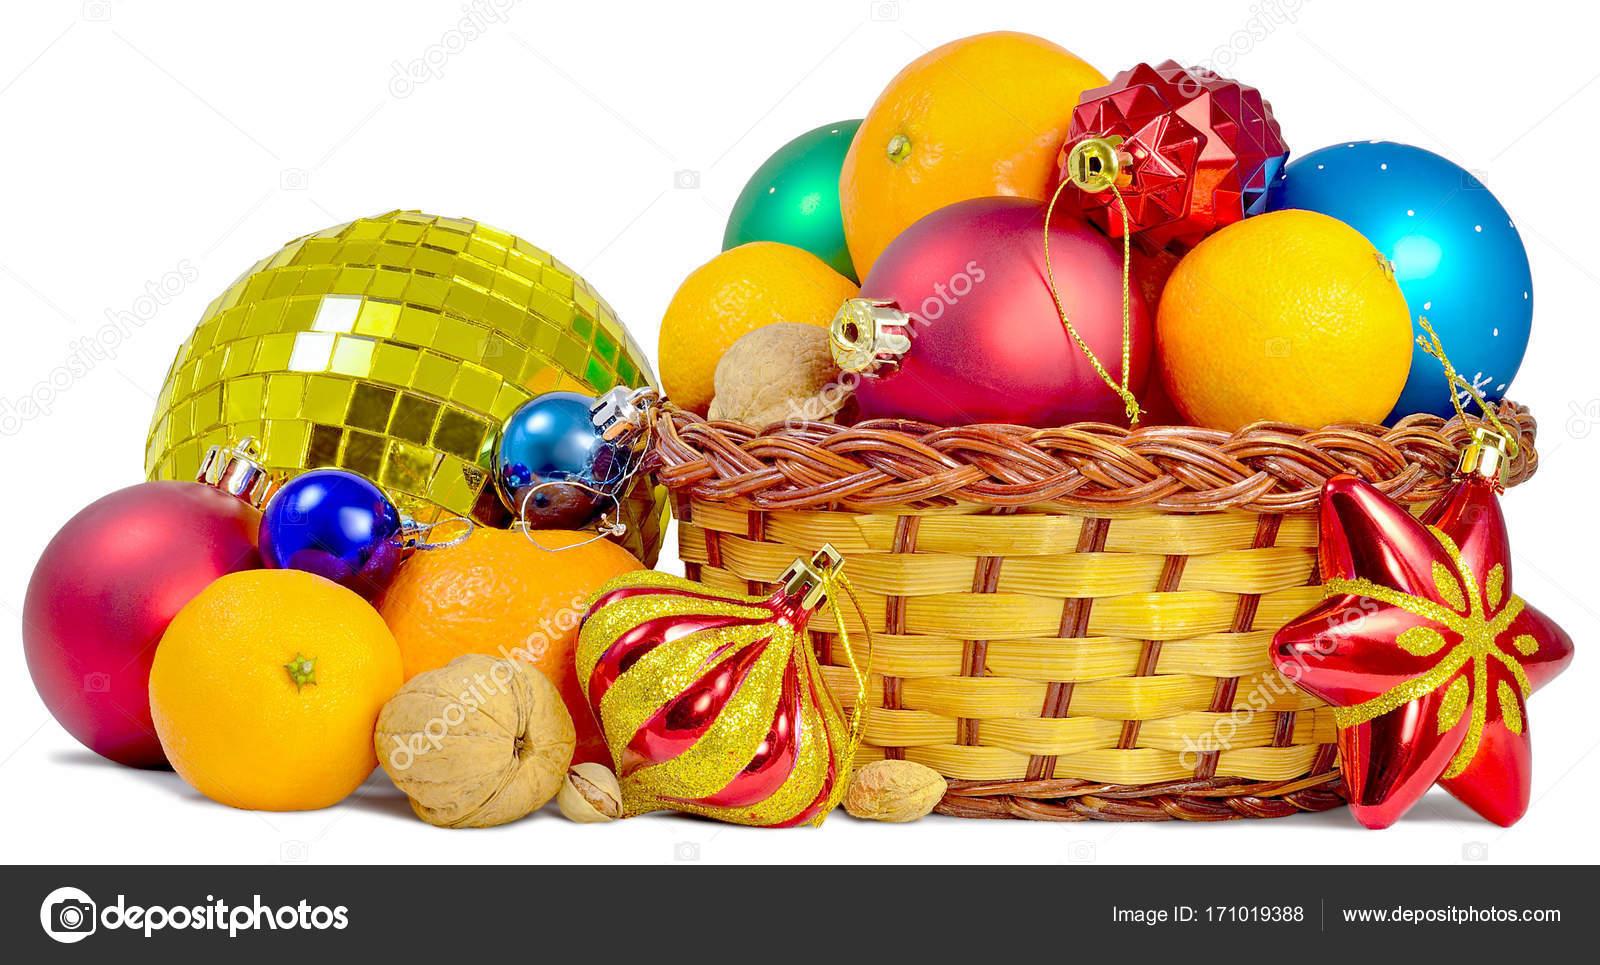 Weihnachts-Geschenke-Korb — Stockfoto © kub_1212 #171019388